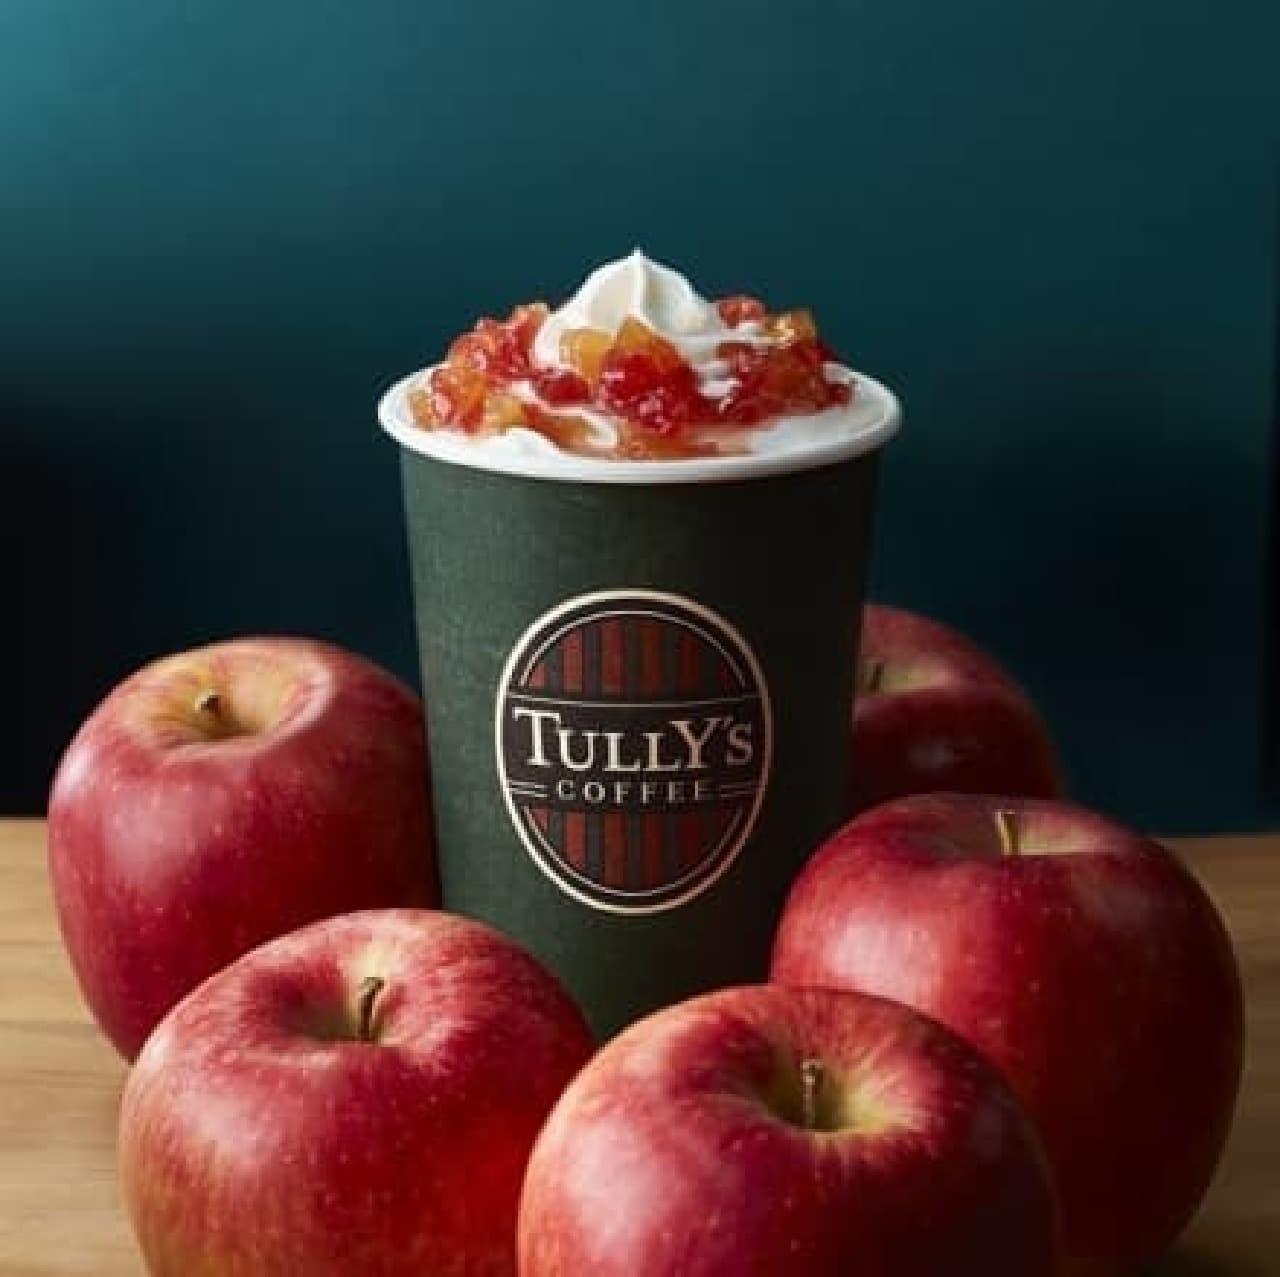 タリーズコーヒー「&TEA アップルキャラメリゼロイヤルミルクティー」